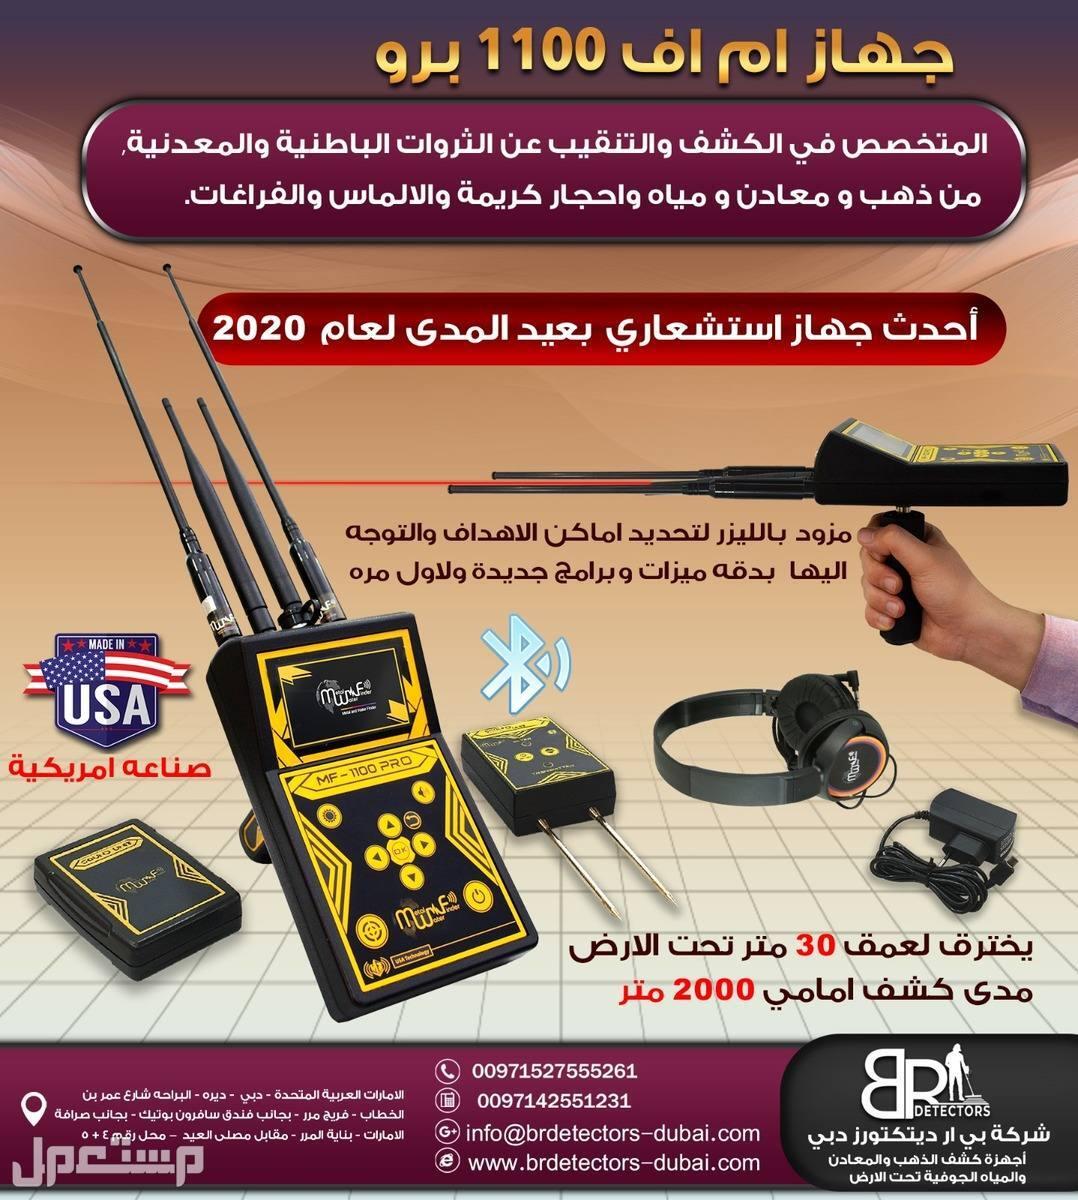 اجهزة كشف الذهب 2021 / جهاز كشف الذهب MF 1100 PRO اجهزة كشف الذهب 2020 / جهاز كشف الذهب في السعودية MF 1100 PRO